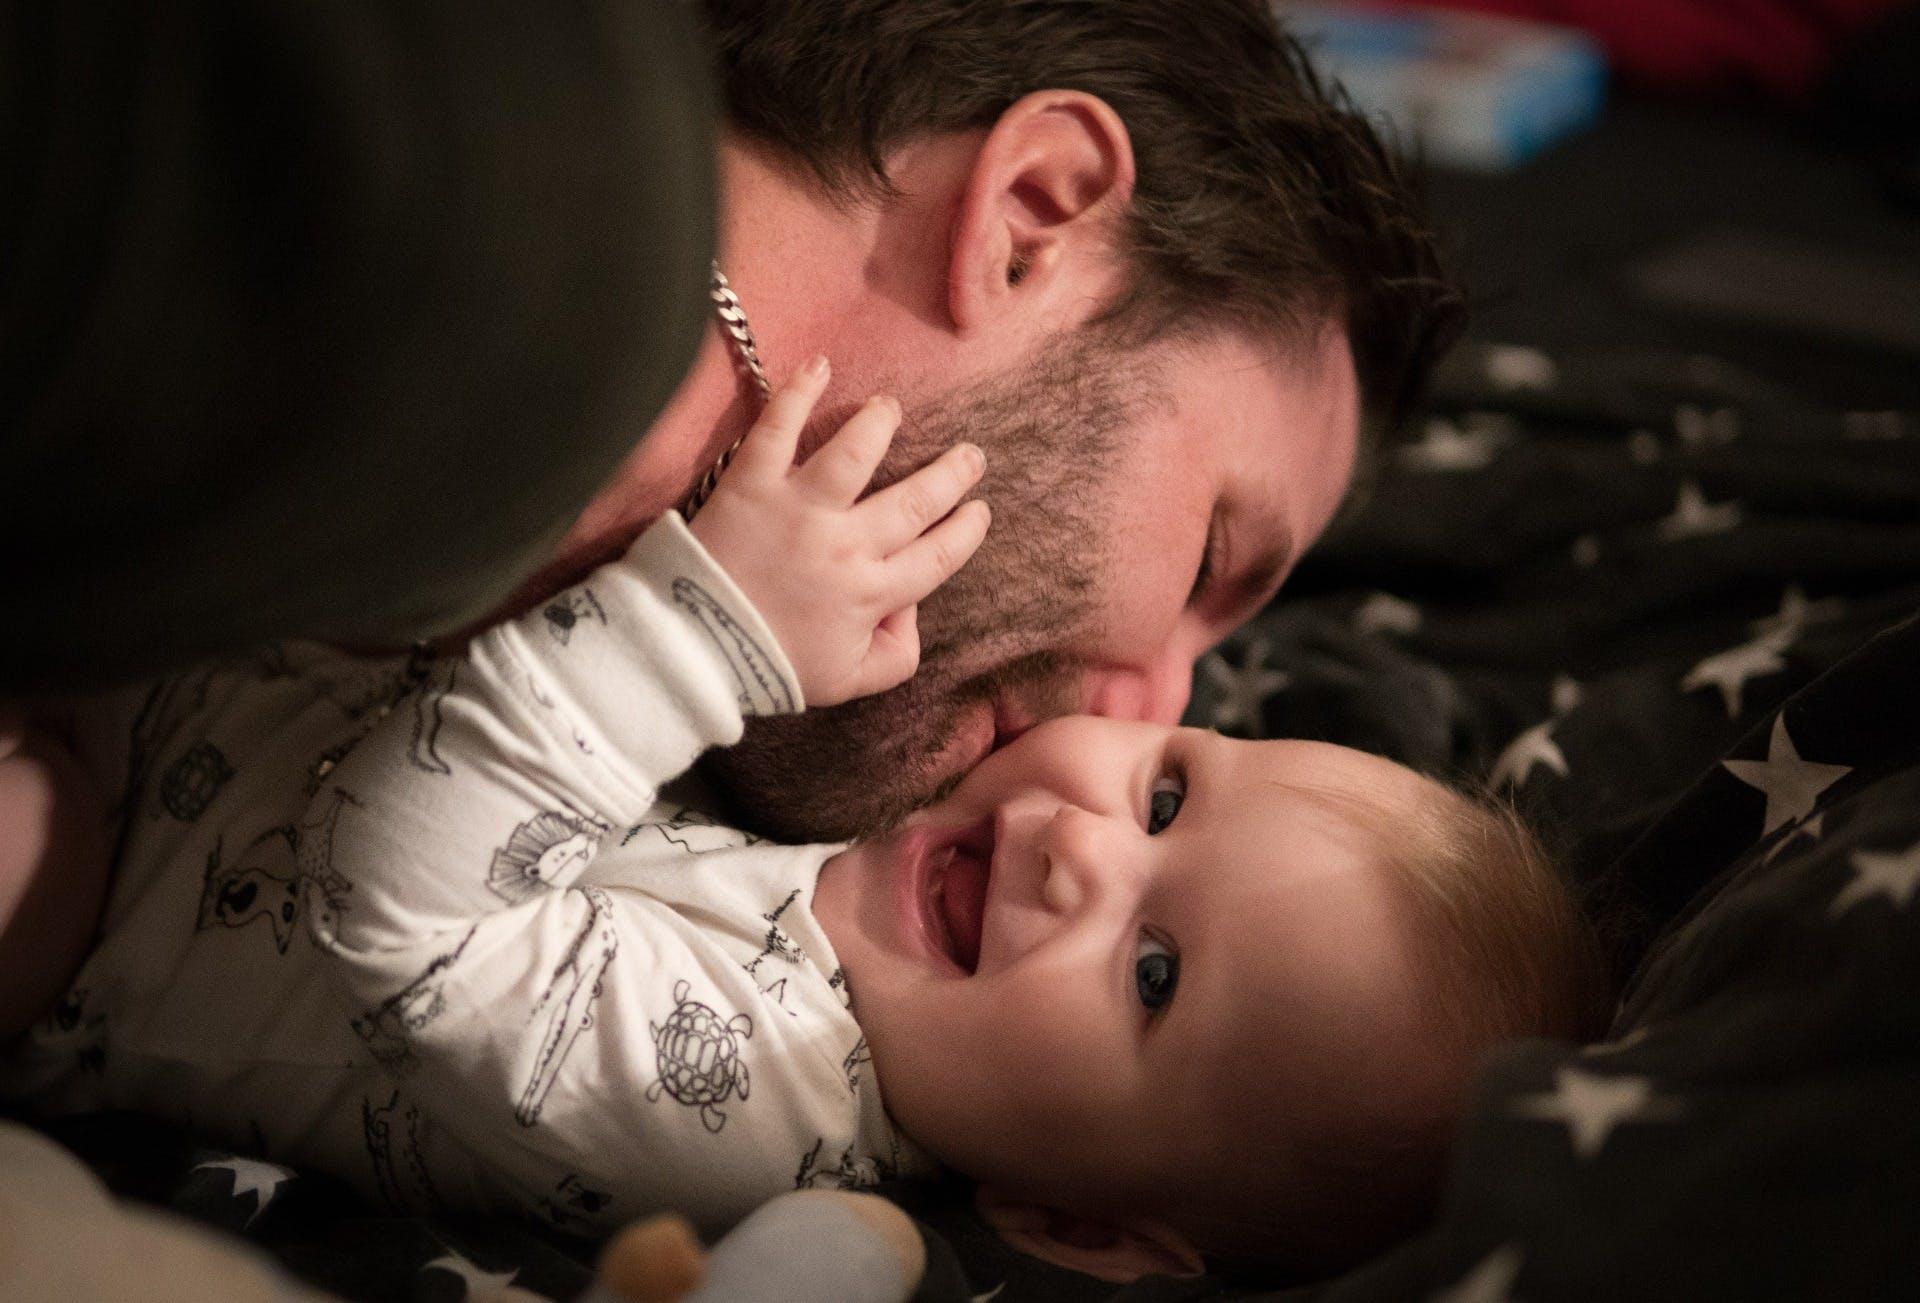 Man hugging baby